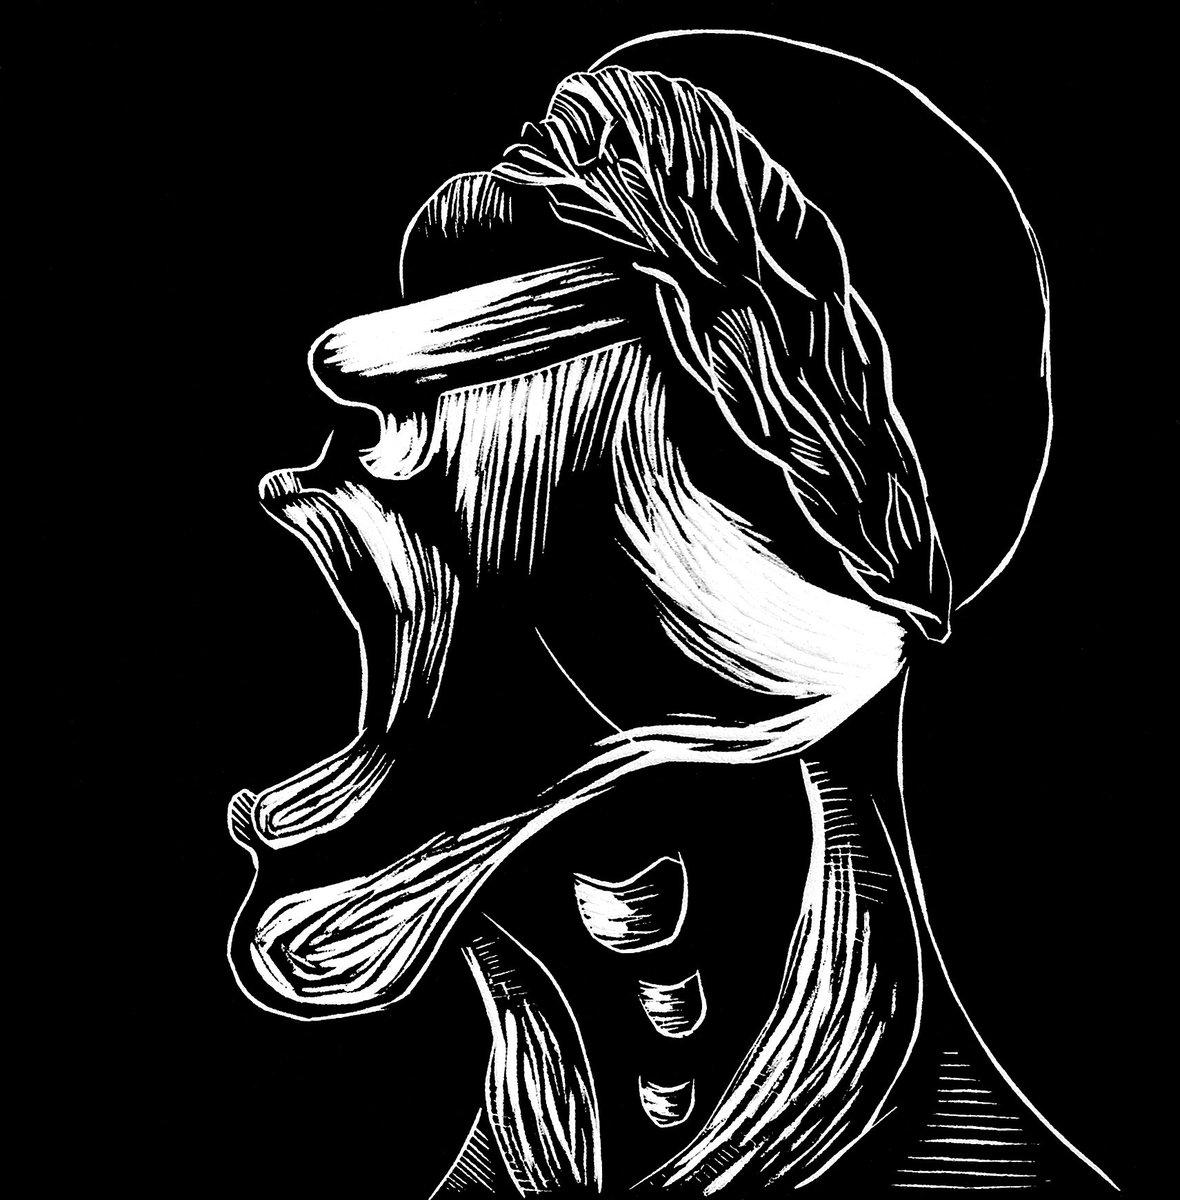 &quot;Lisiado de Guerra / War-disabled&quot; #linocut on rives paper. 2008. Años de Miedo series. #war #art #carlosbarberena #printmaking #grabado <br>http://pic.twitter.com/Kj0kJKh0uA